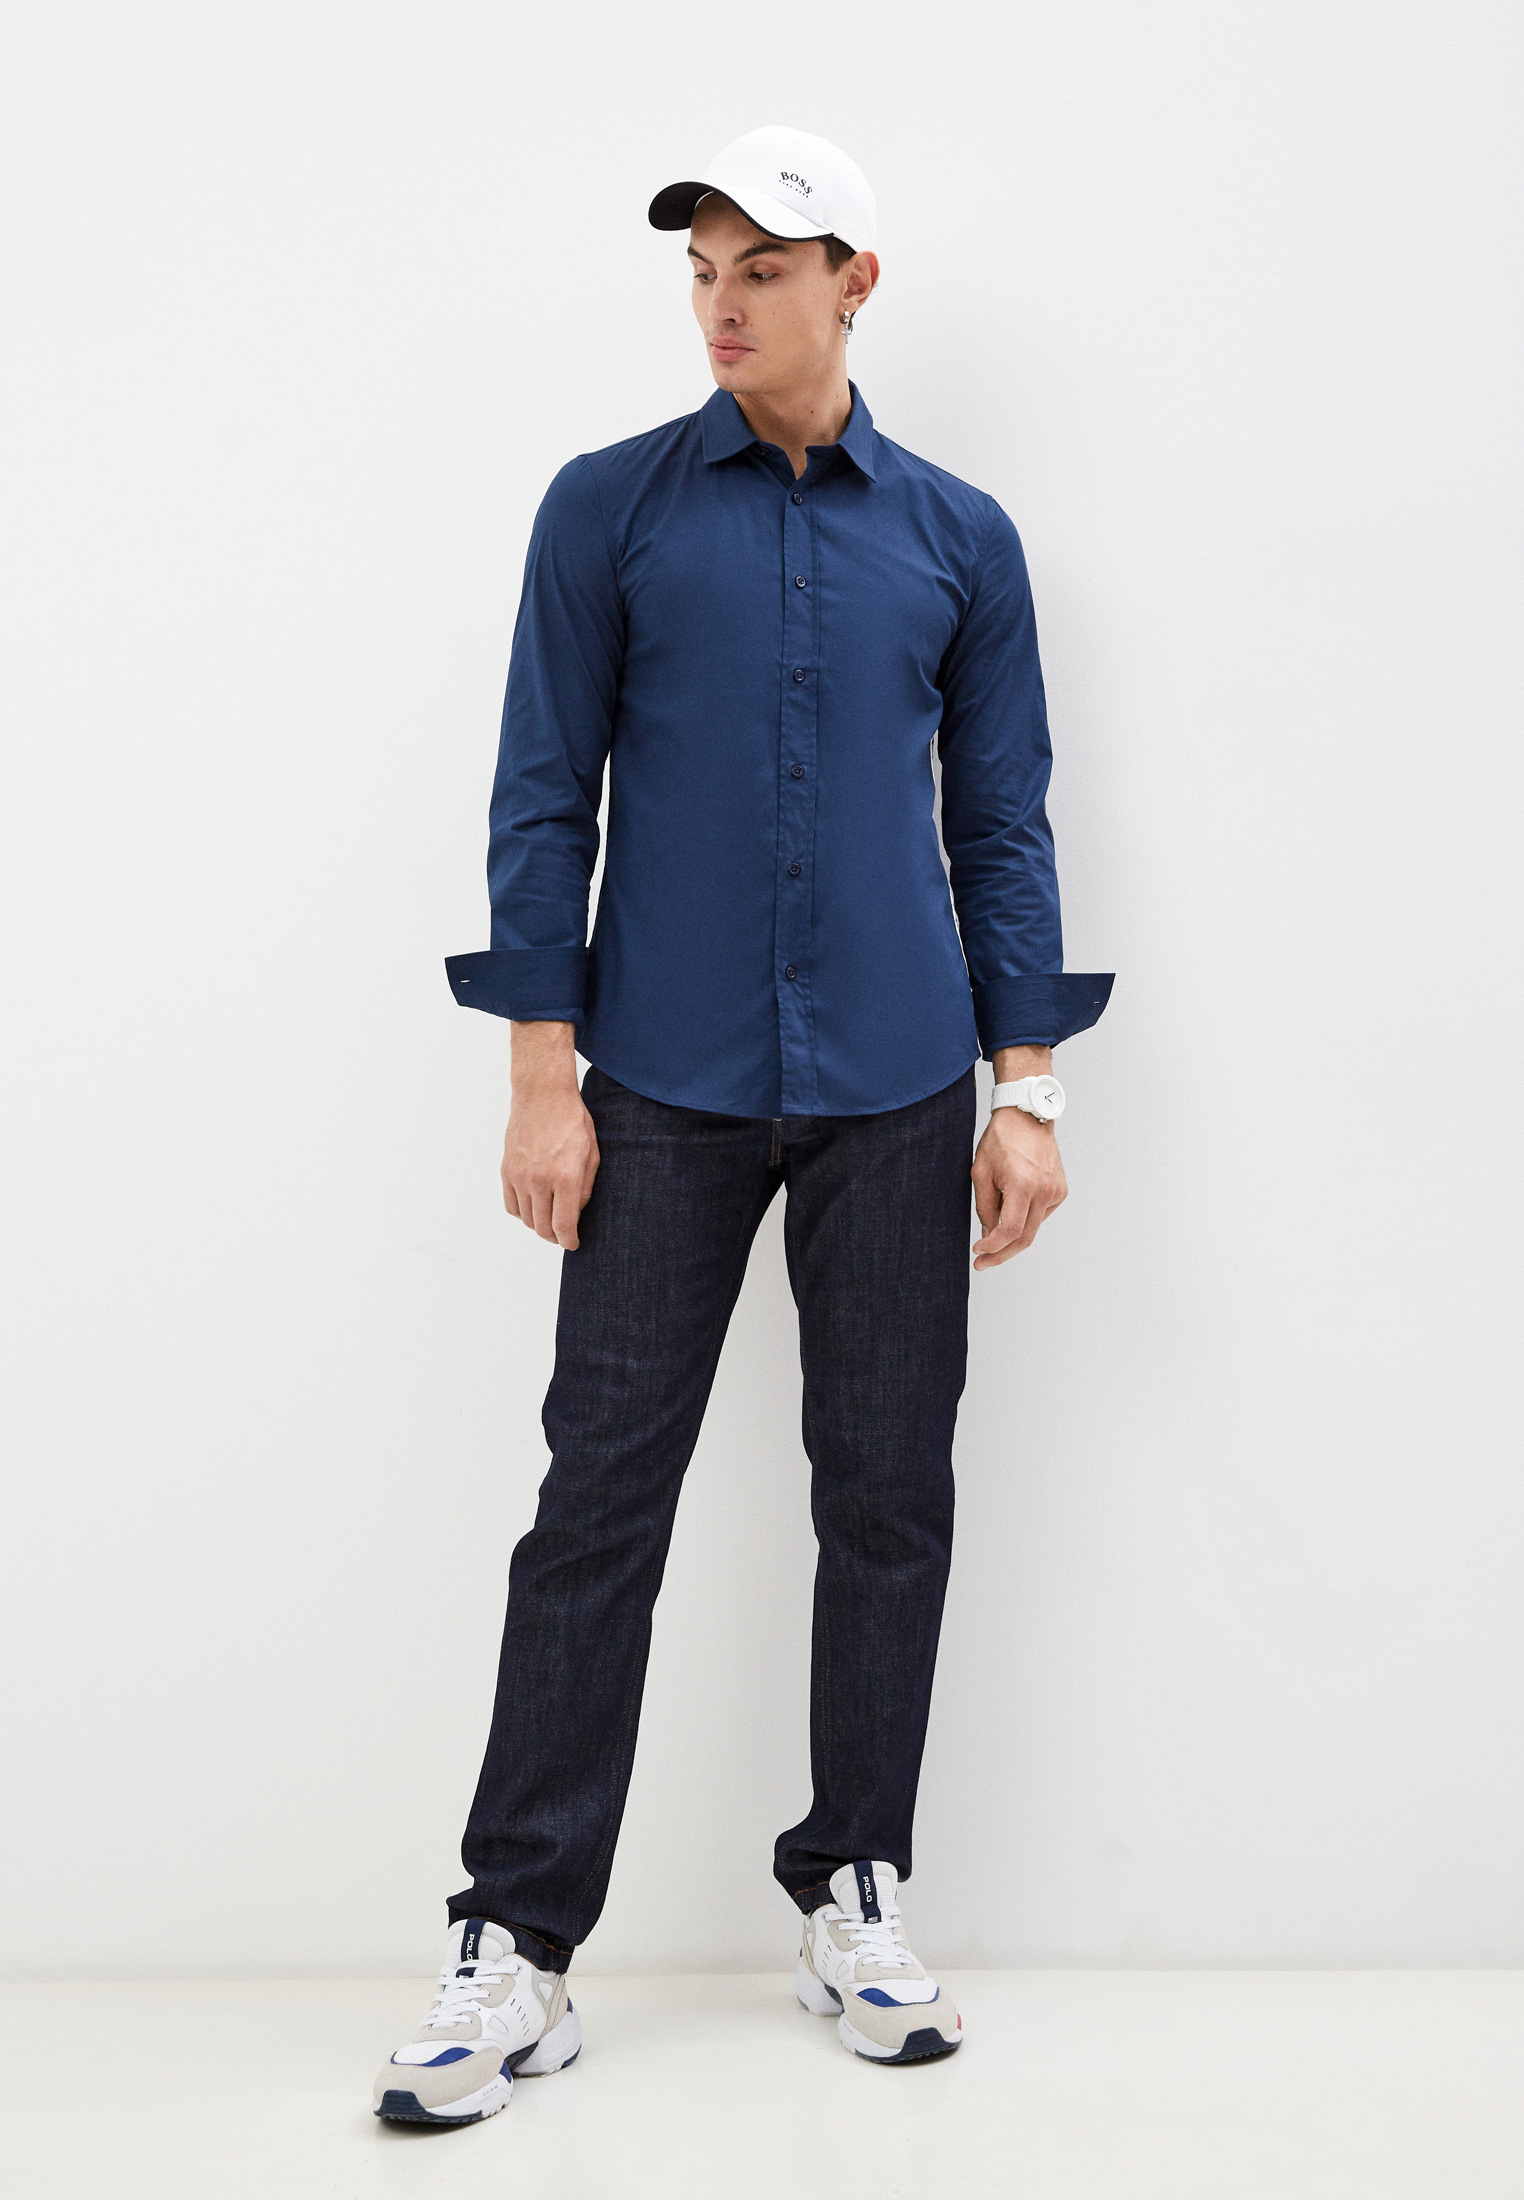 Рубашка с длинным рукавом Bikkembergs (Биккембергс) C C 055 81 S 2931: изображение 3